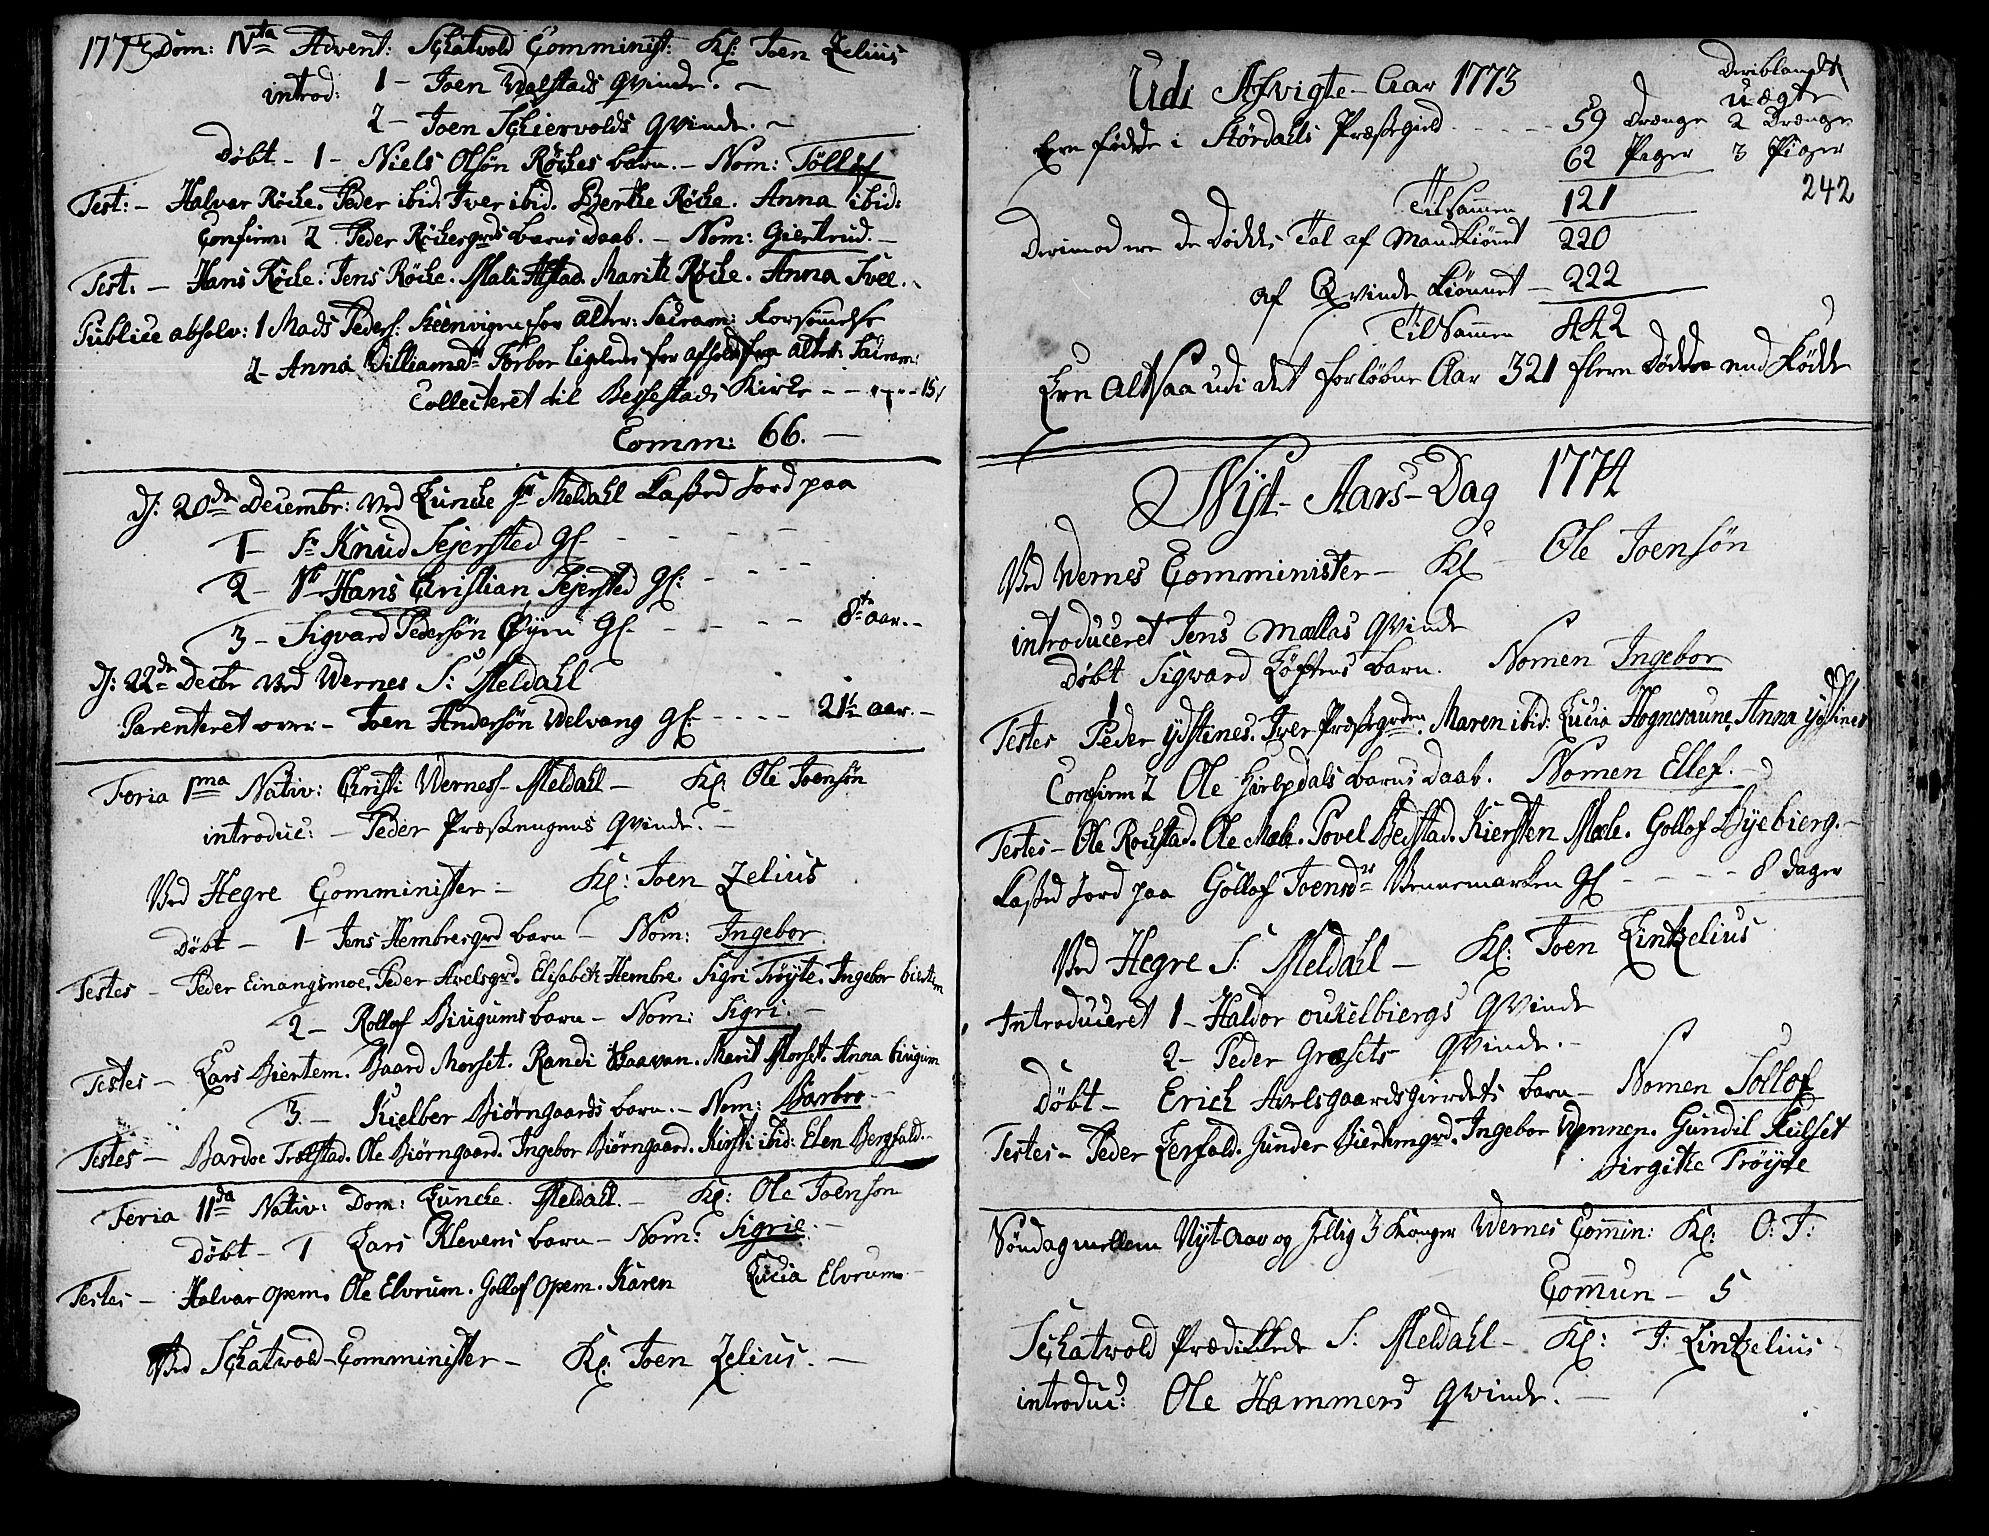 SAT, Ministerialprotokoller, klokkerbøker og fødselsregistre - Nord-Trøndelag, 709/L0057: Ministerialbok nr. 709A05, 1755-1780, s. 242